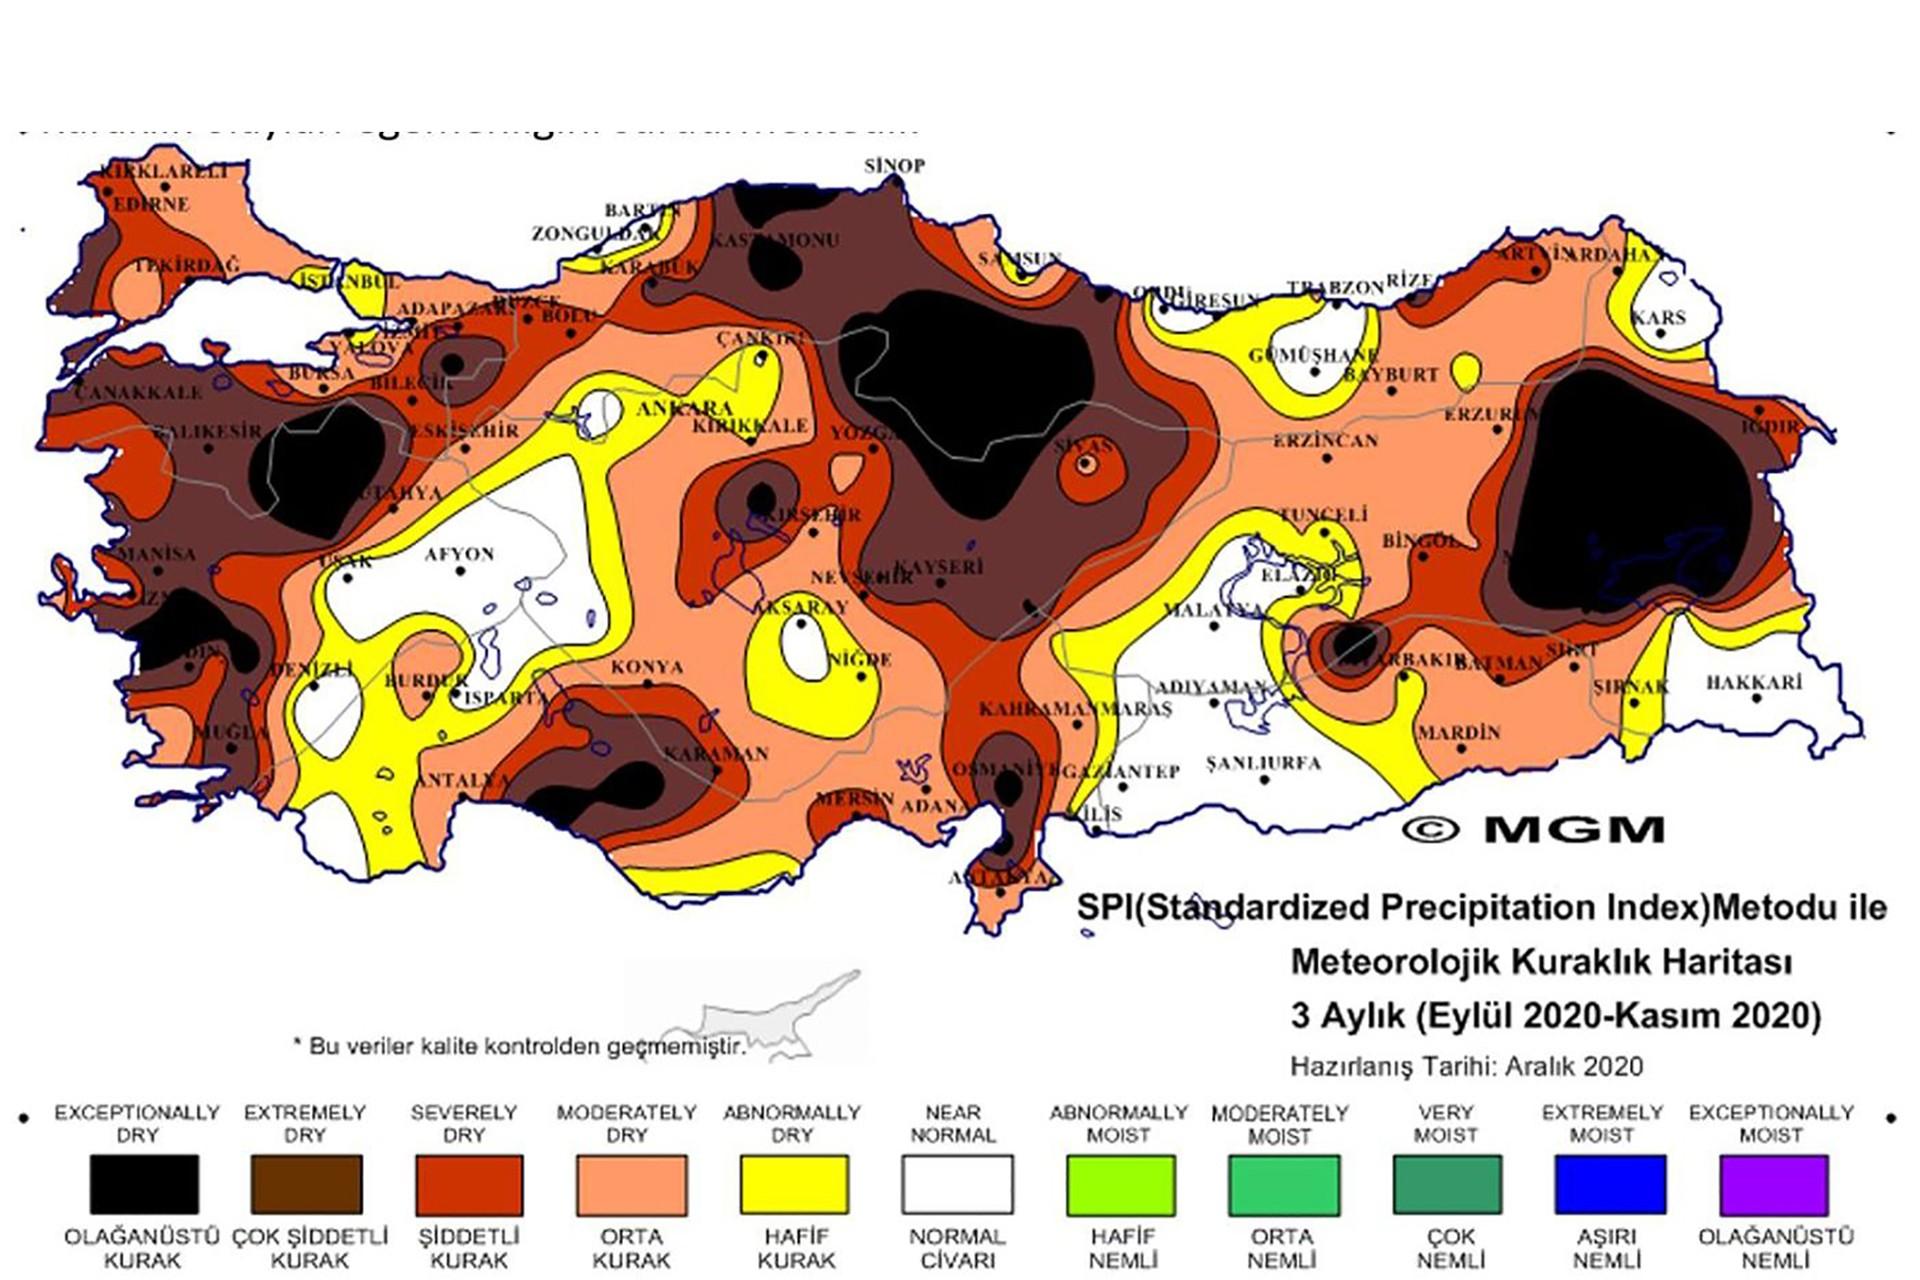 Türkiye'nin kuraklık haritası